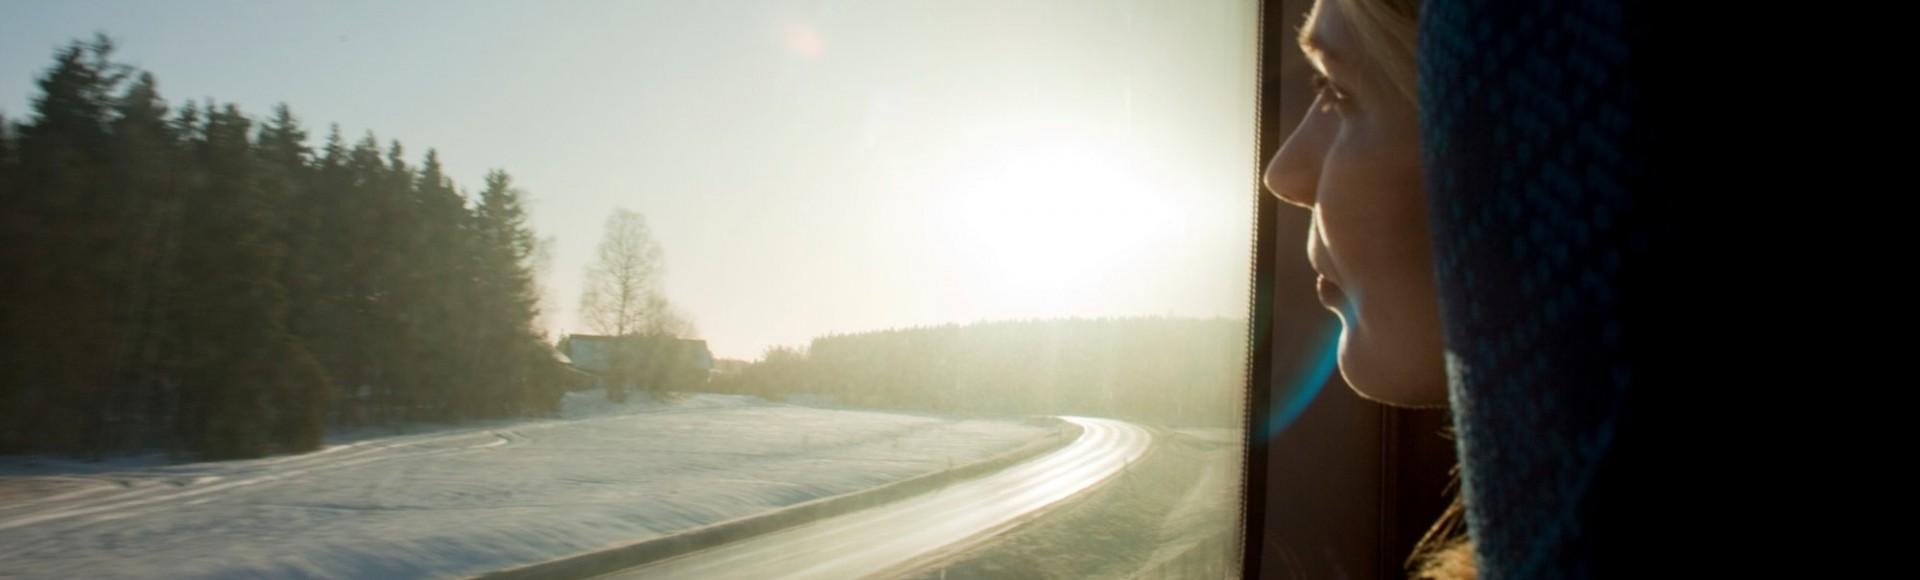 Arctic Circle Pass: Entdecke Schwedisch und Norwegisch Lappland mit dem Zug